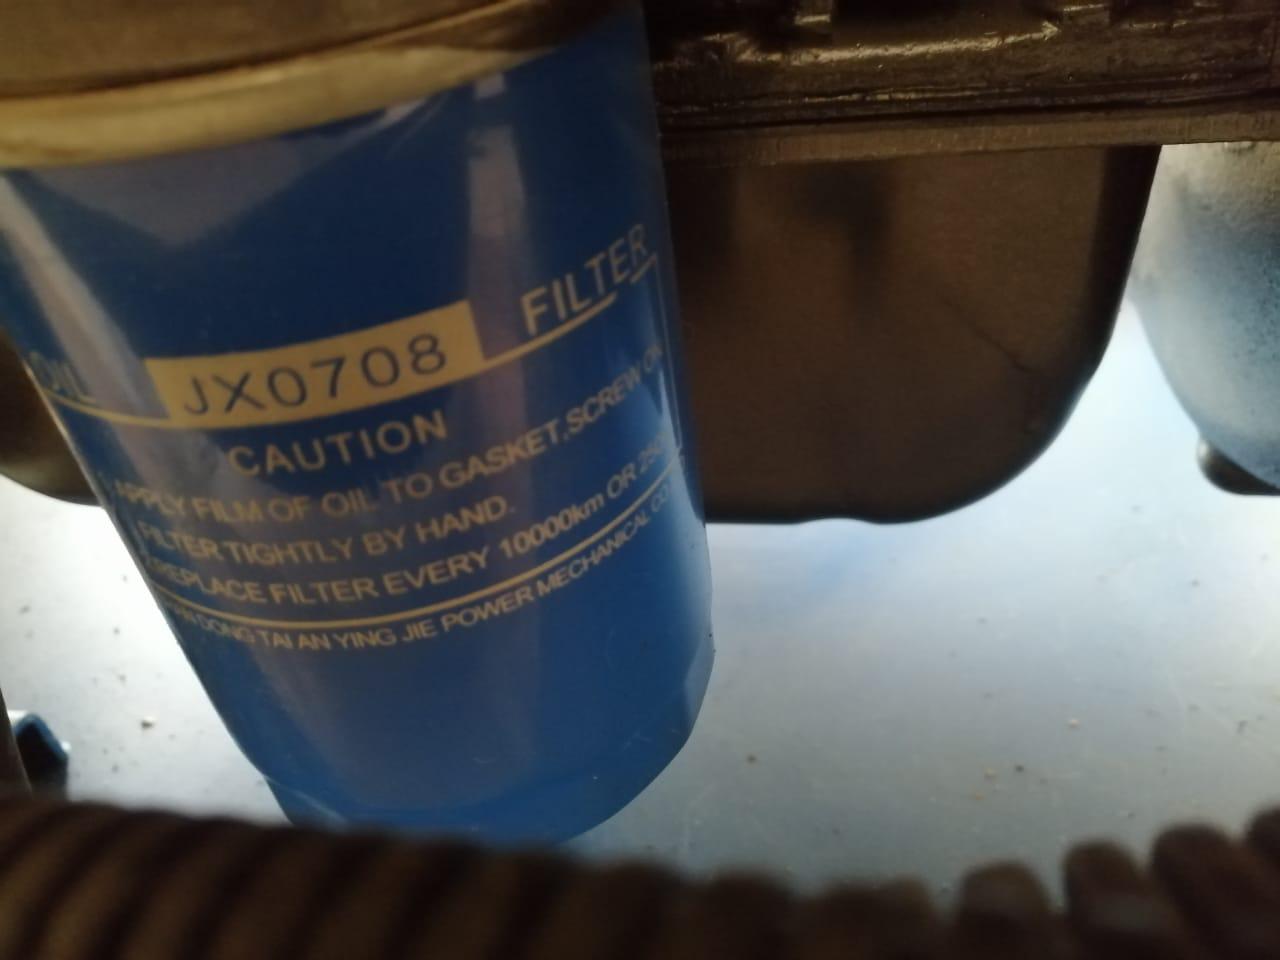 фильтр масляный mcferdi jx0708